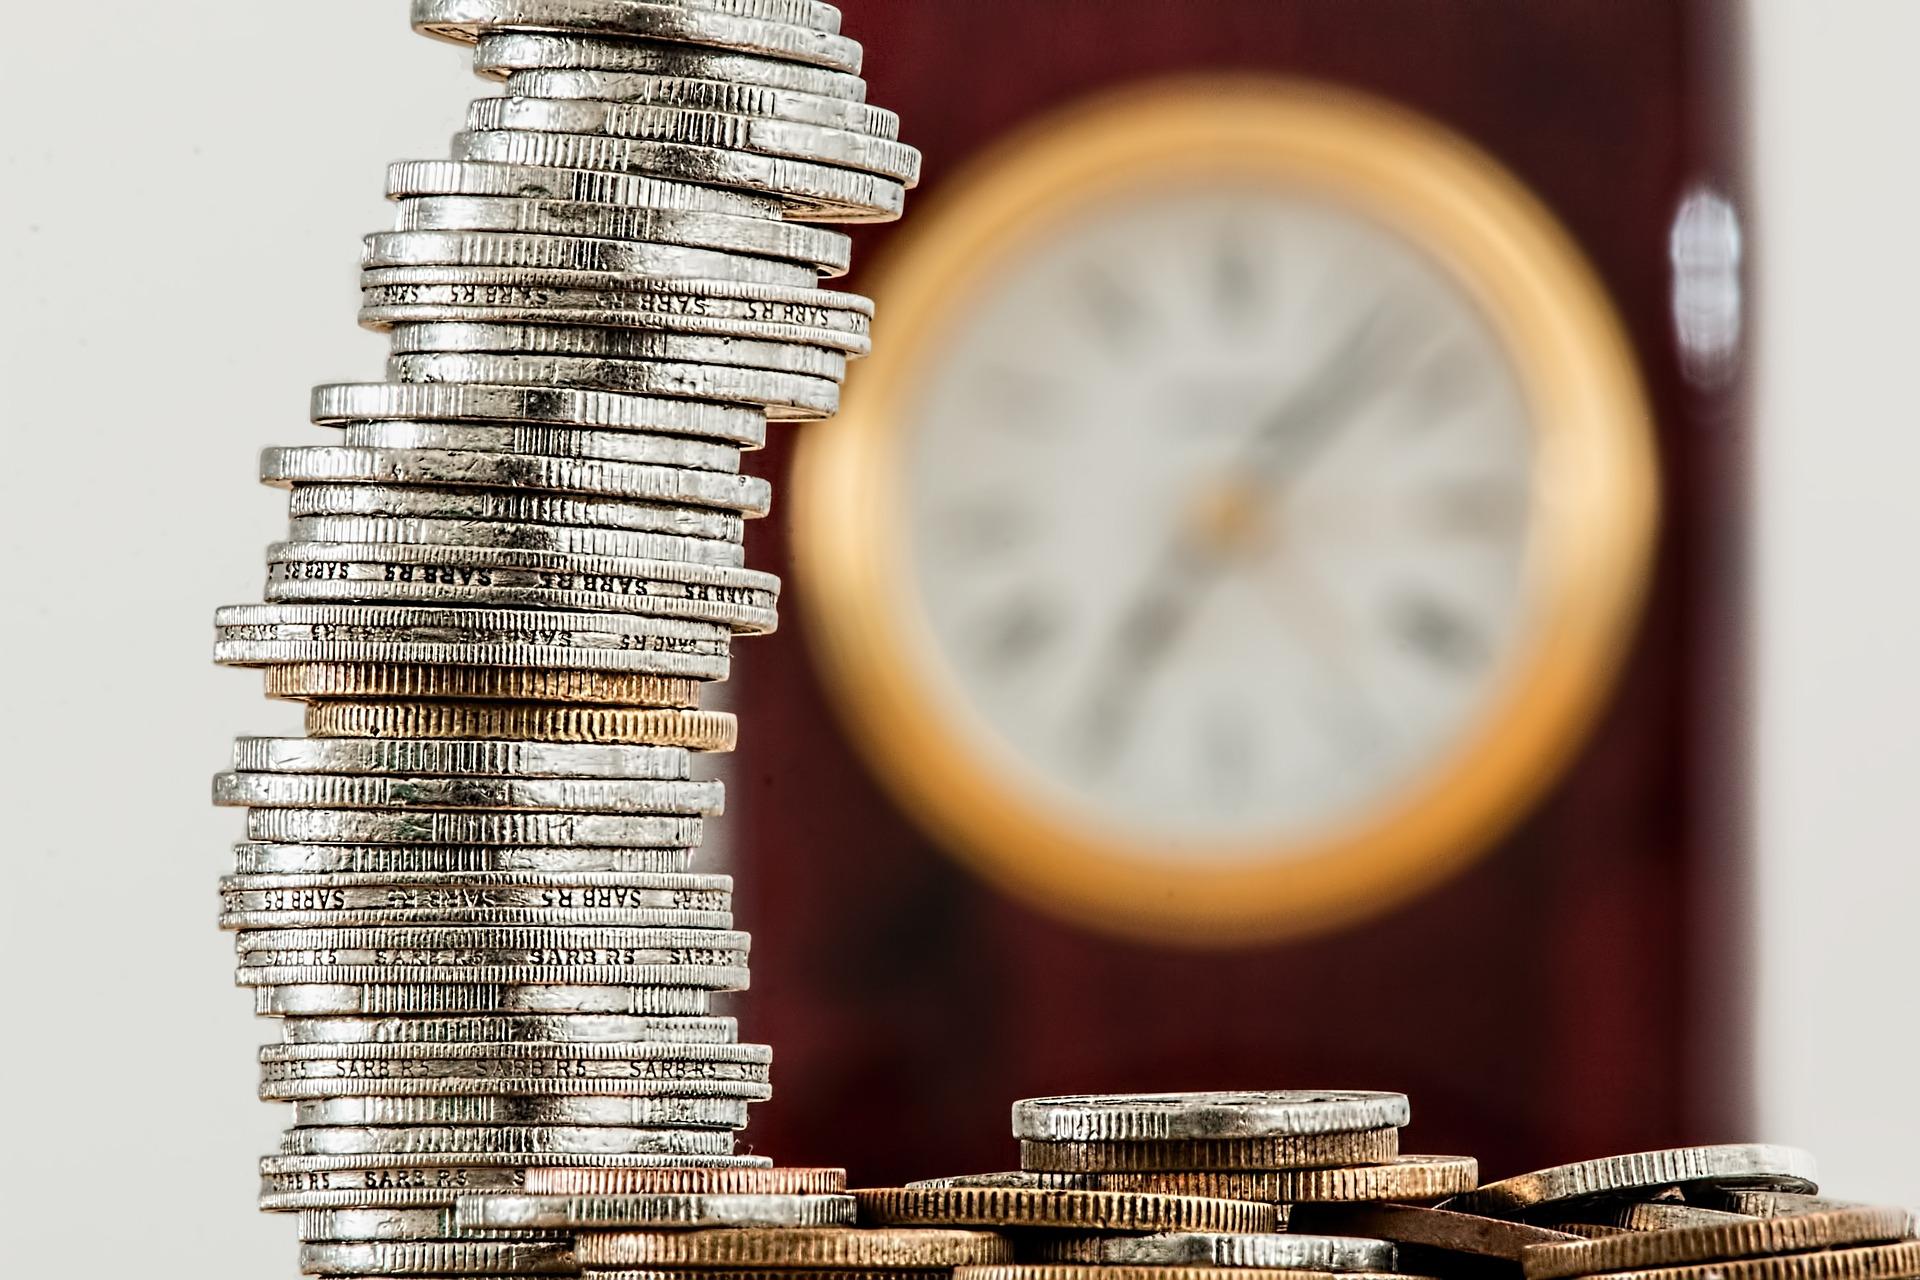 Les pensions: què ens espera?